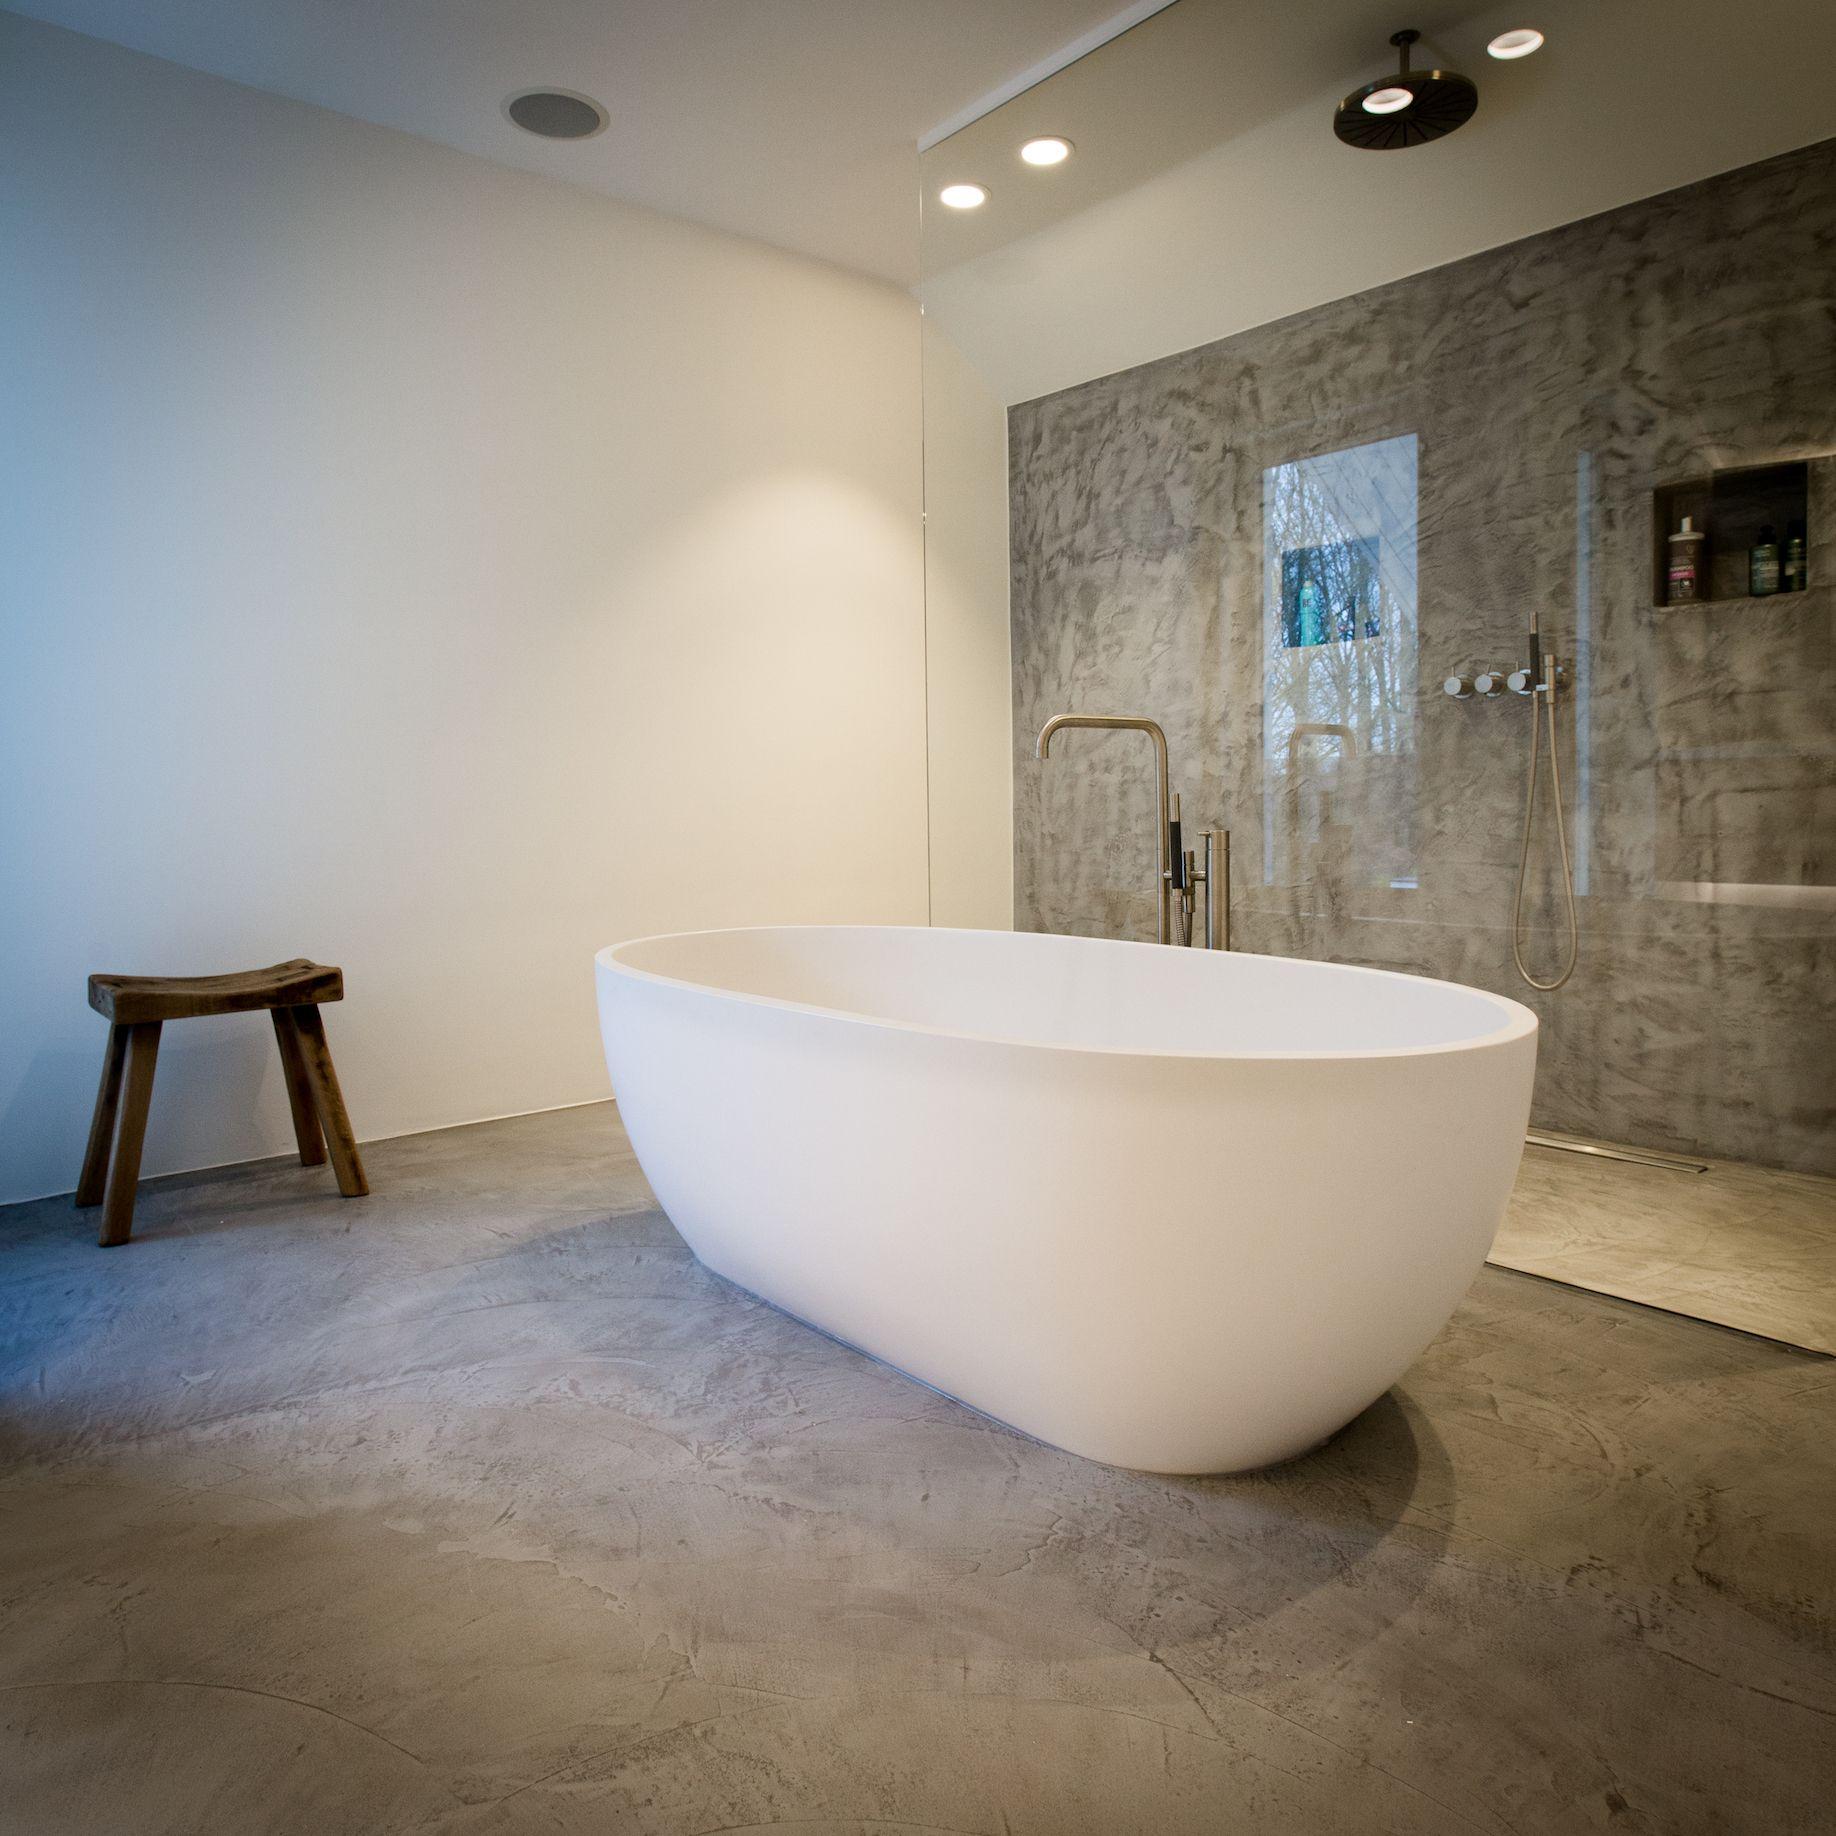 een tijdloze badkamer met een prachtige mortex vloer